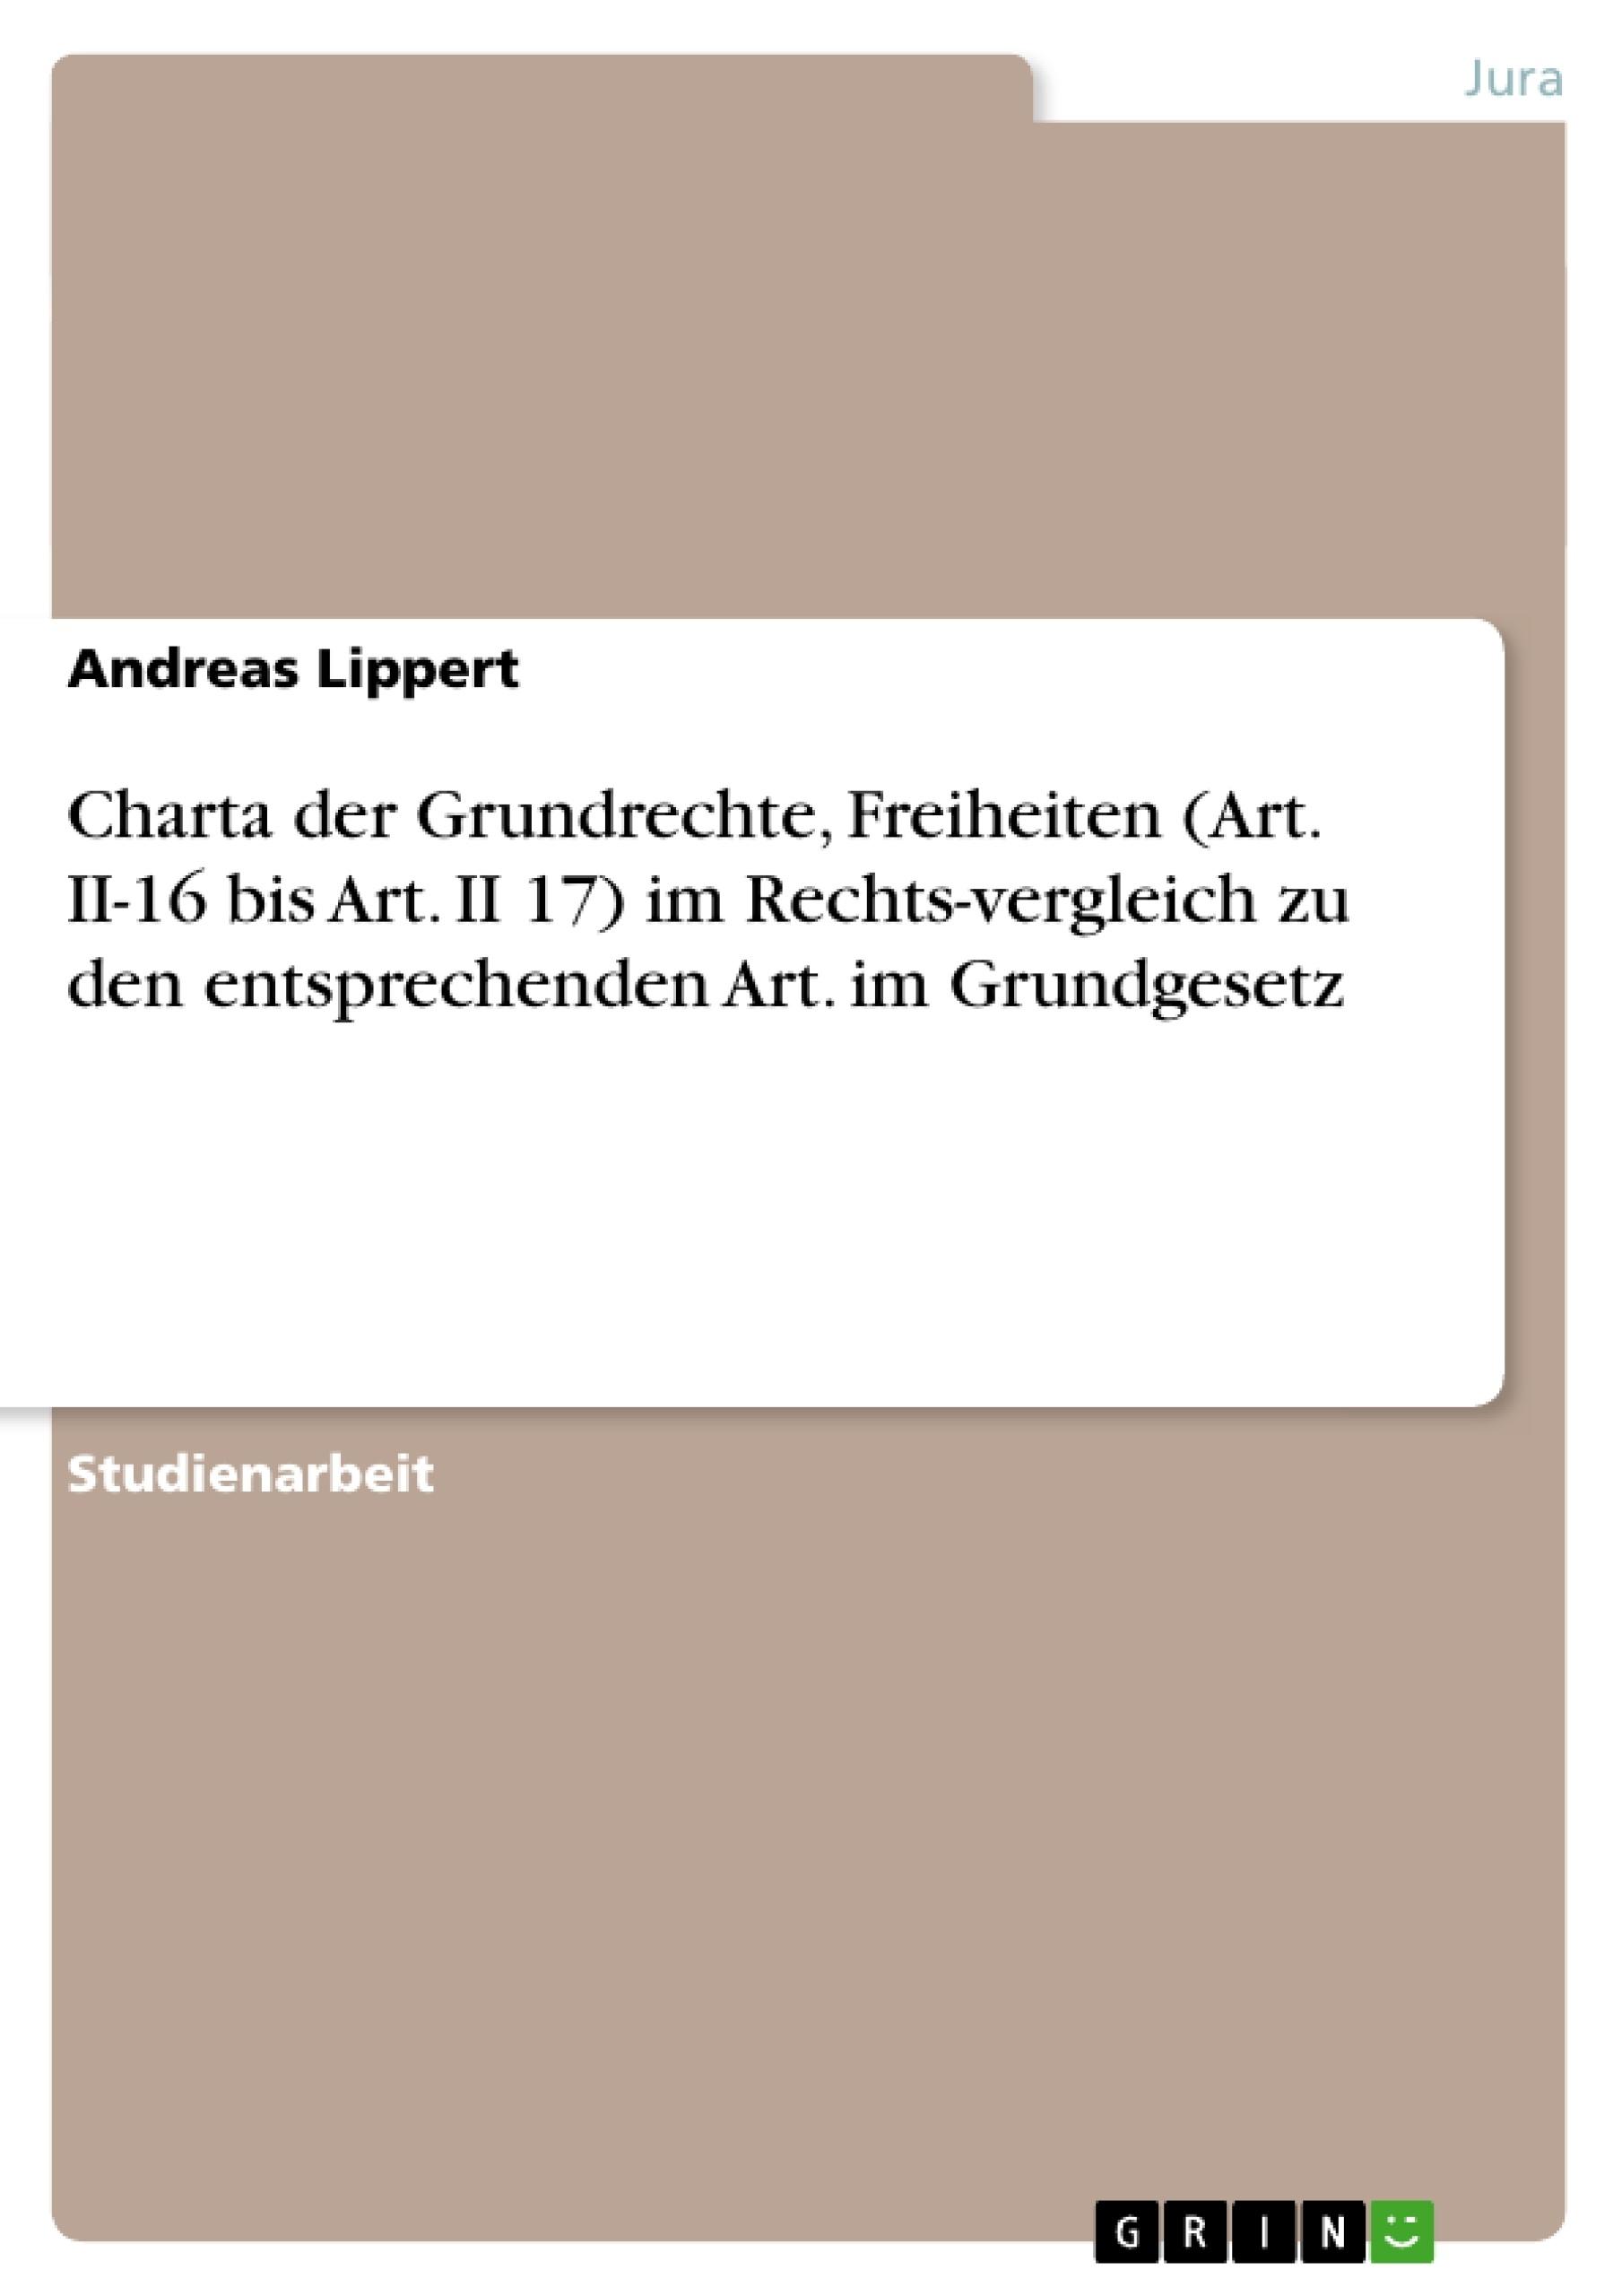 Titel: Charta der Grundrechte, Freiheiten (Art. II-16 bis Art. II 17) im Rechts-vergleich zu den entsprechenden Art. im Grundgesetz